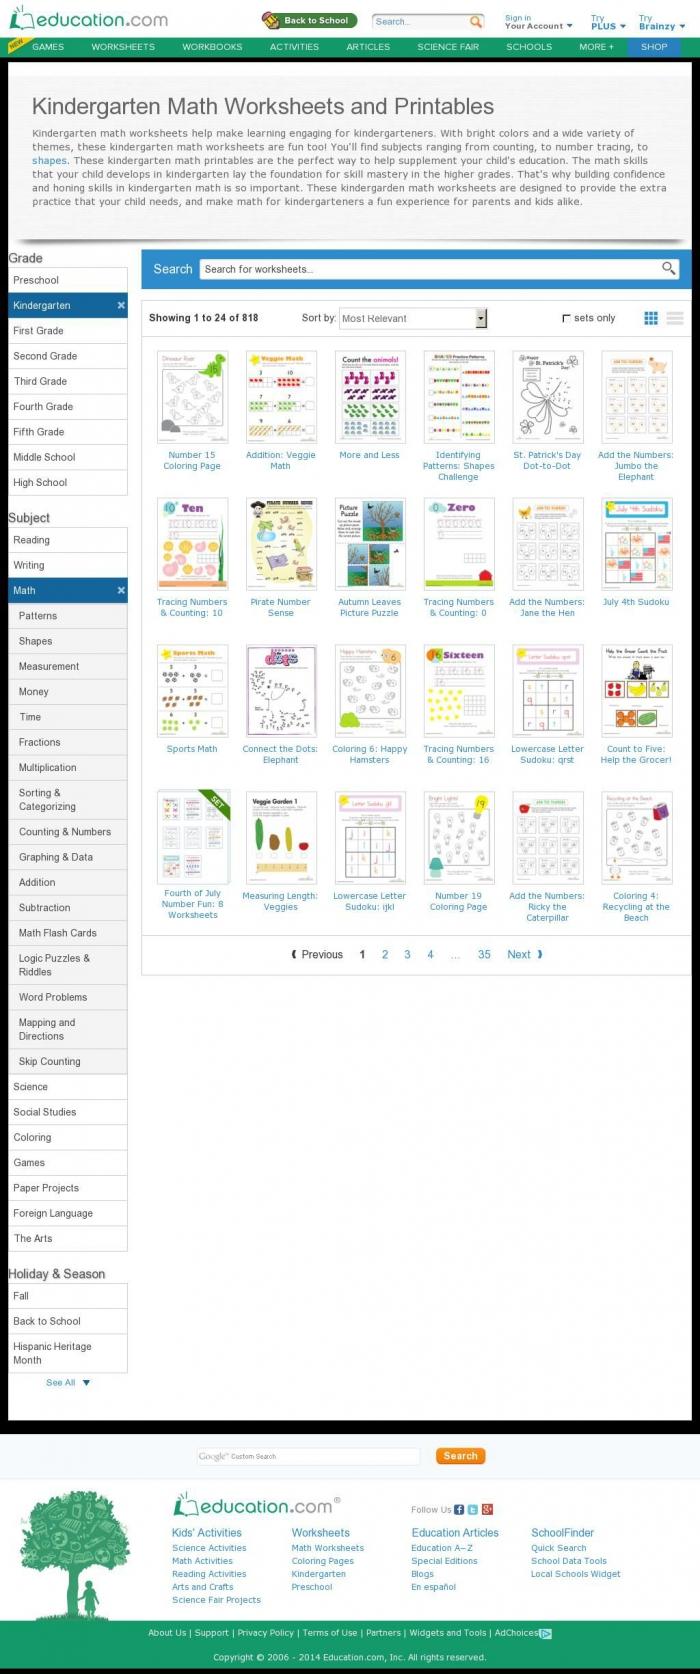 The Website Httpwwweducationcomworksheetskindergartenmath